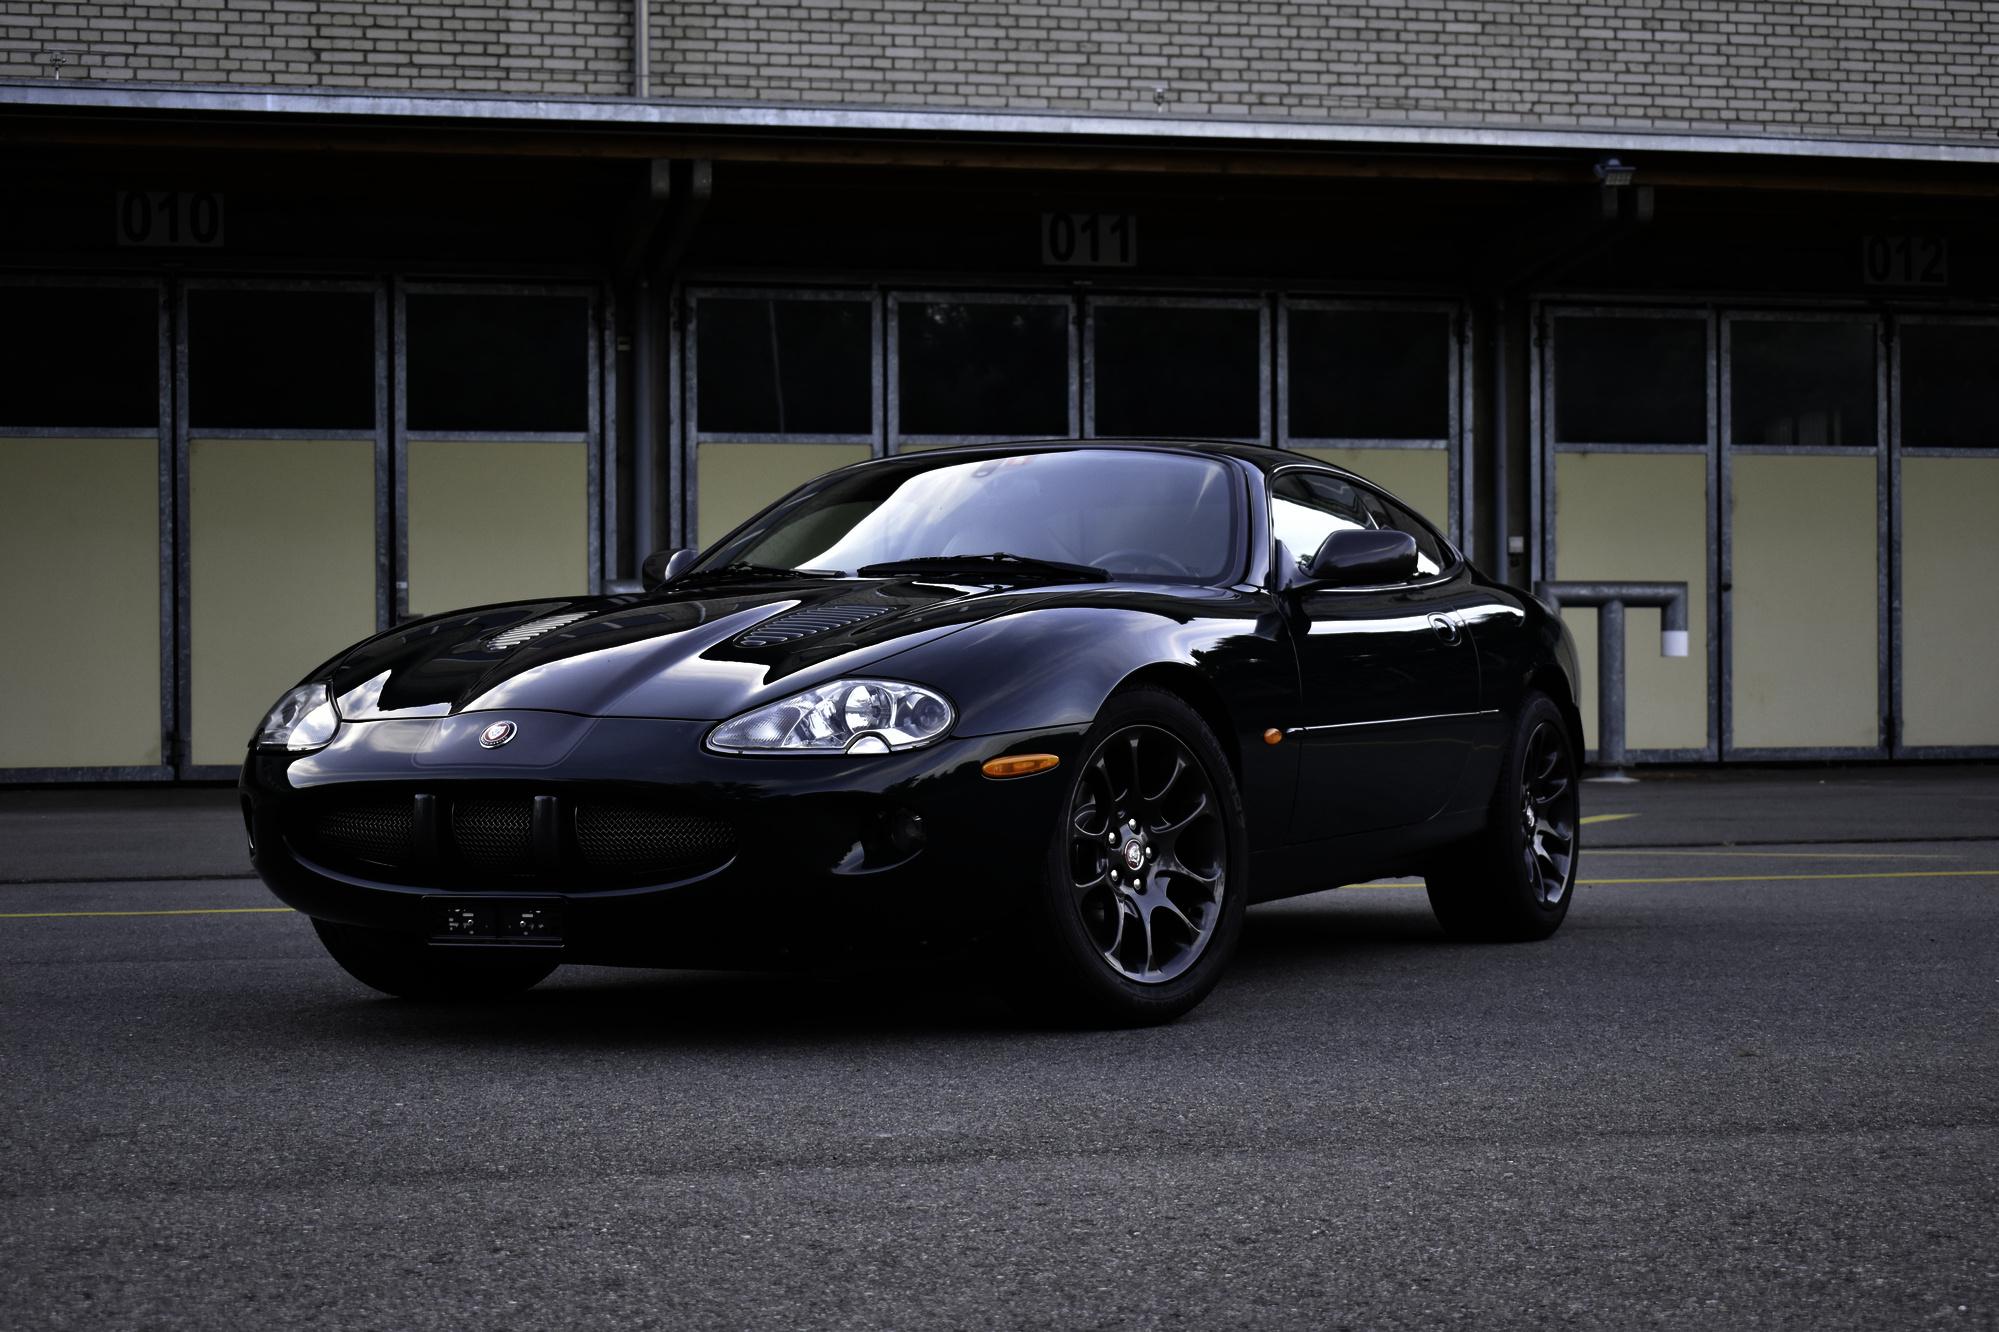 Auktionen Versteigerung 2000 Jaguar XKR Coupe 4.0 Ansicht von vorne oben